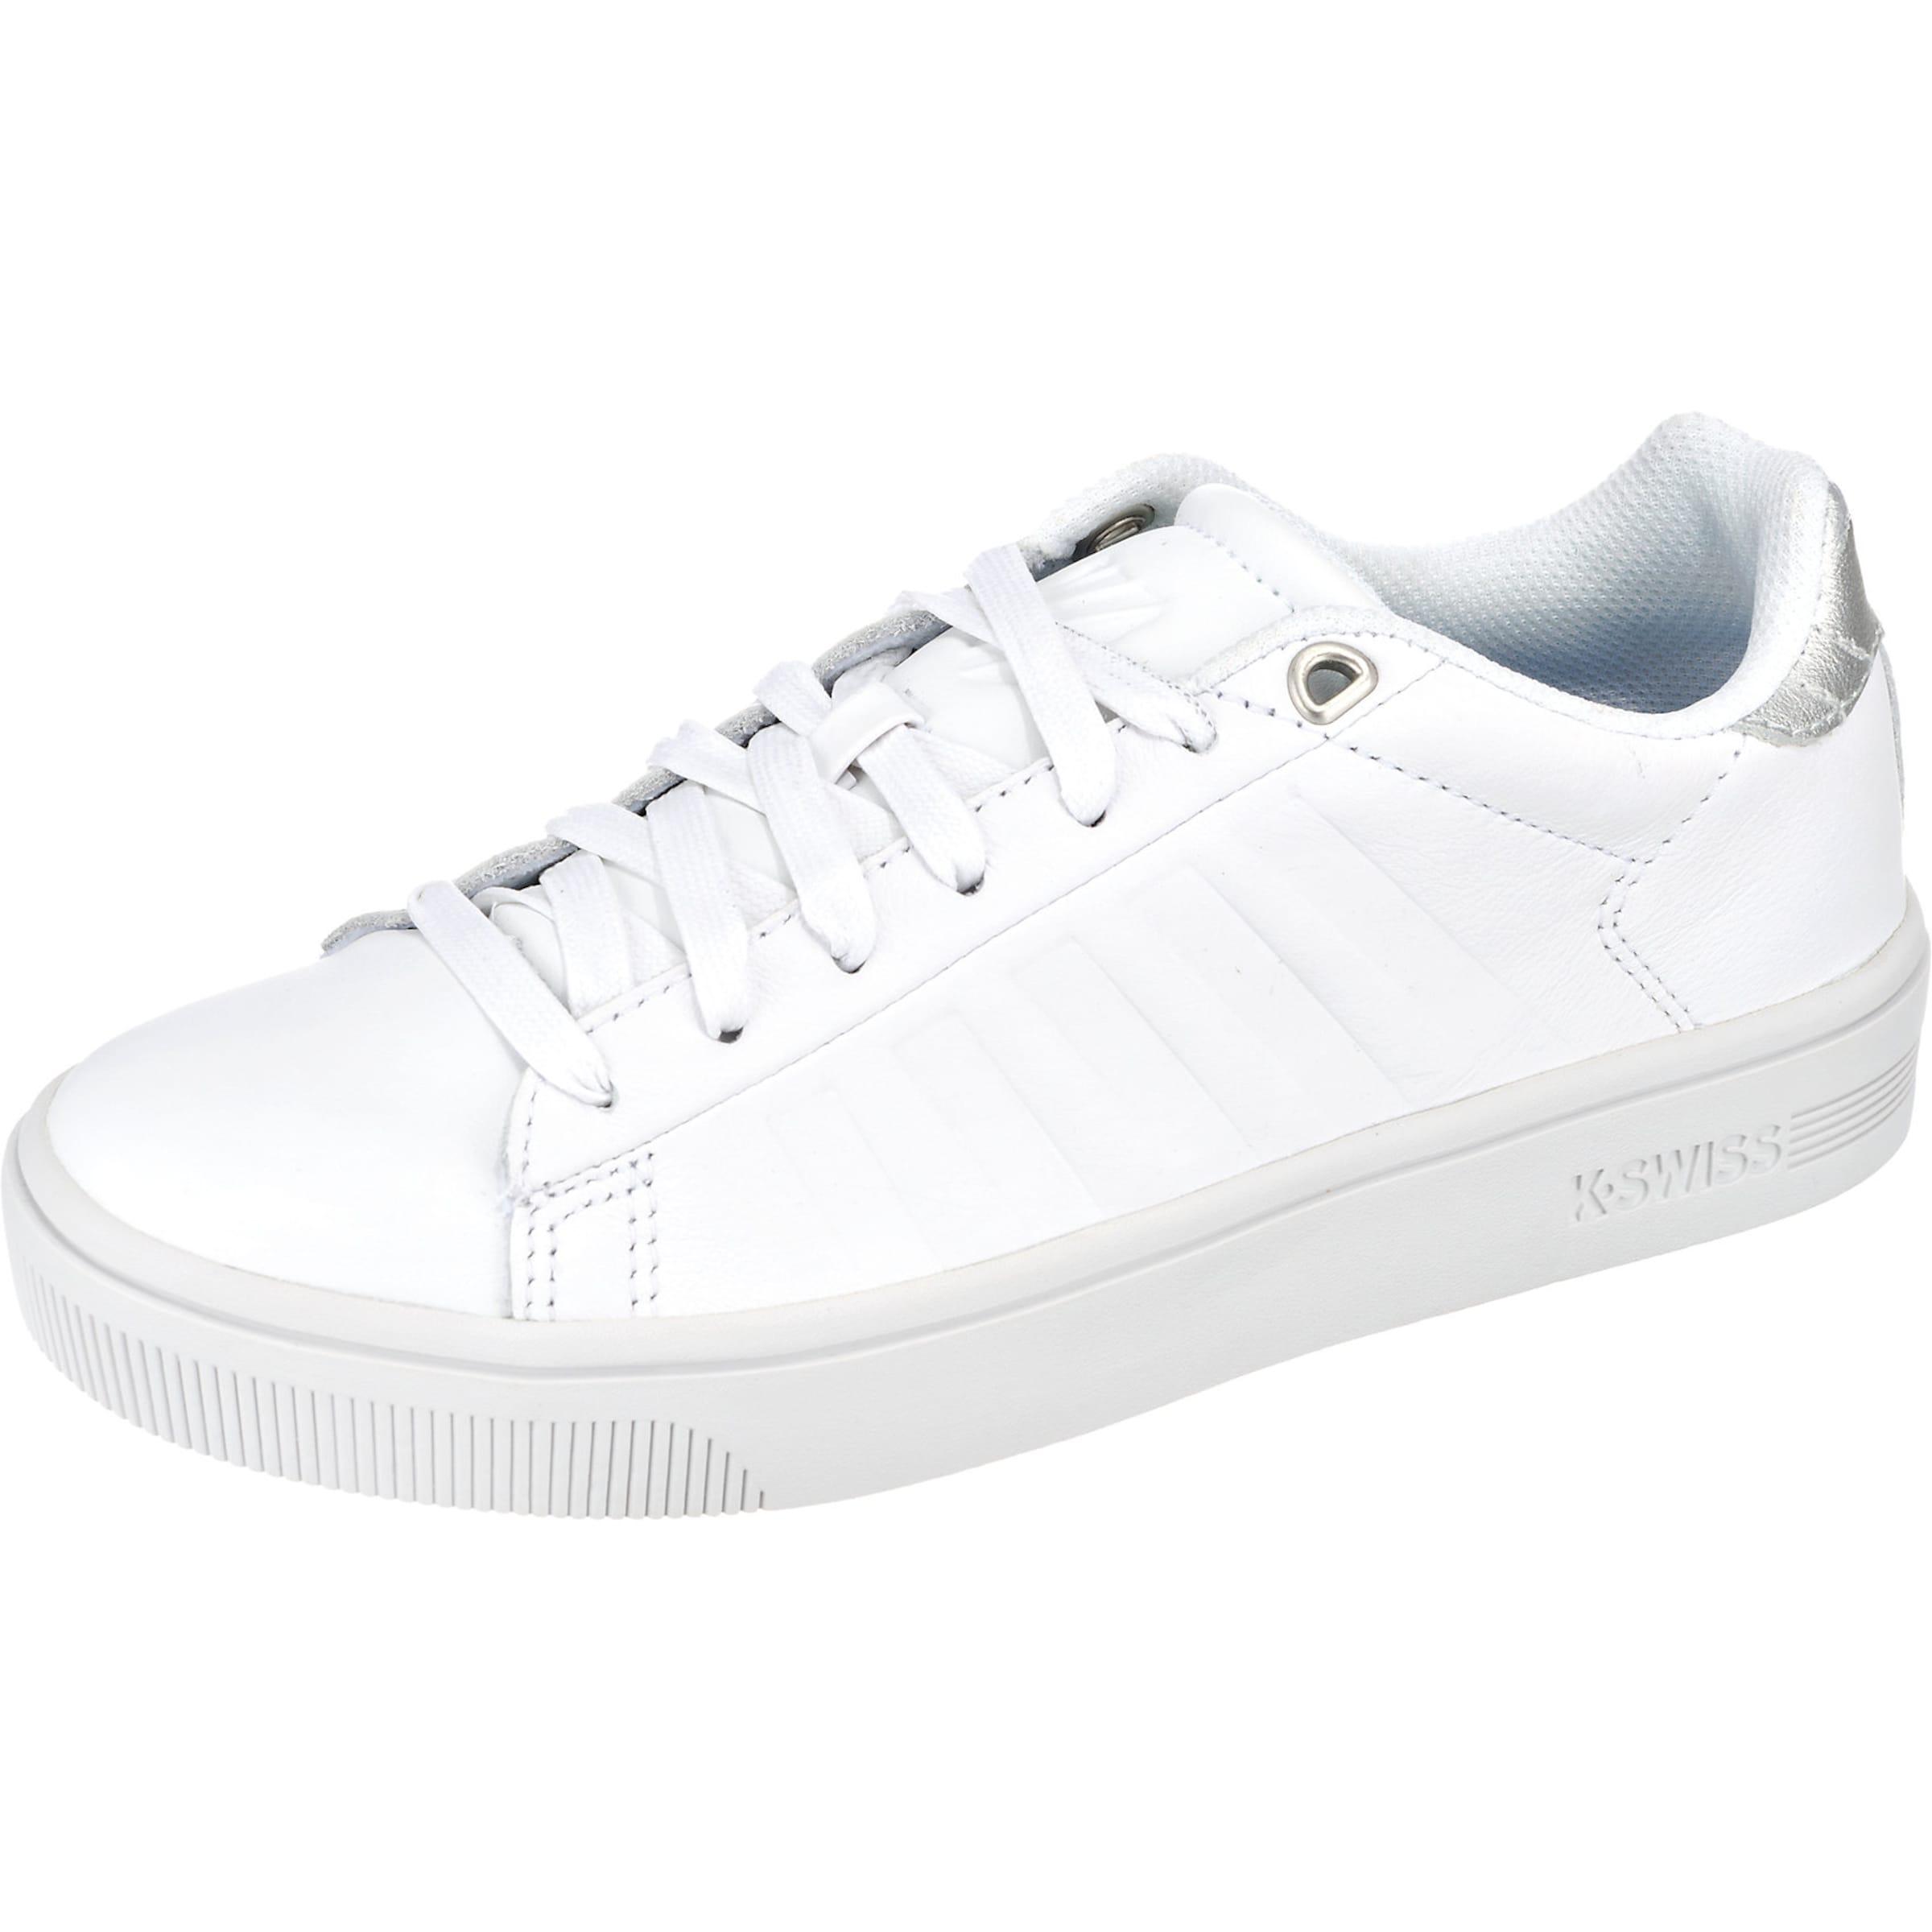 Gut Verkaufen K-SWISS 'Frasco' Sneakers Low Spielraum Visa Zahlung Billig Verkauf Countdown-Paket HeTnOUX